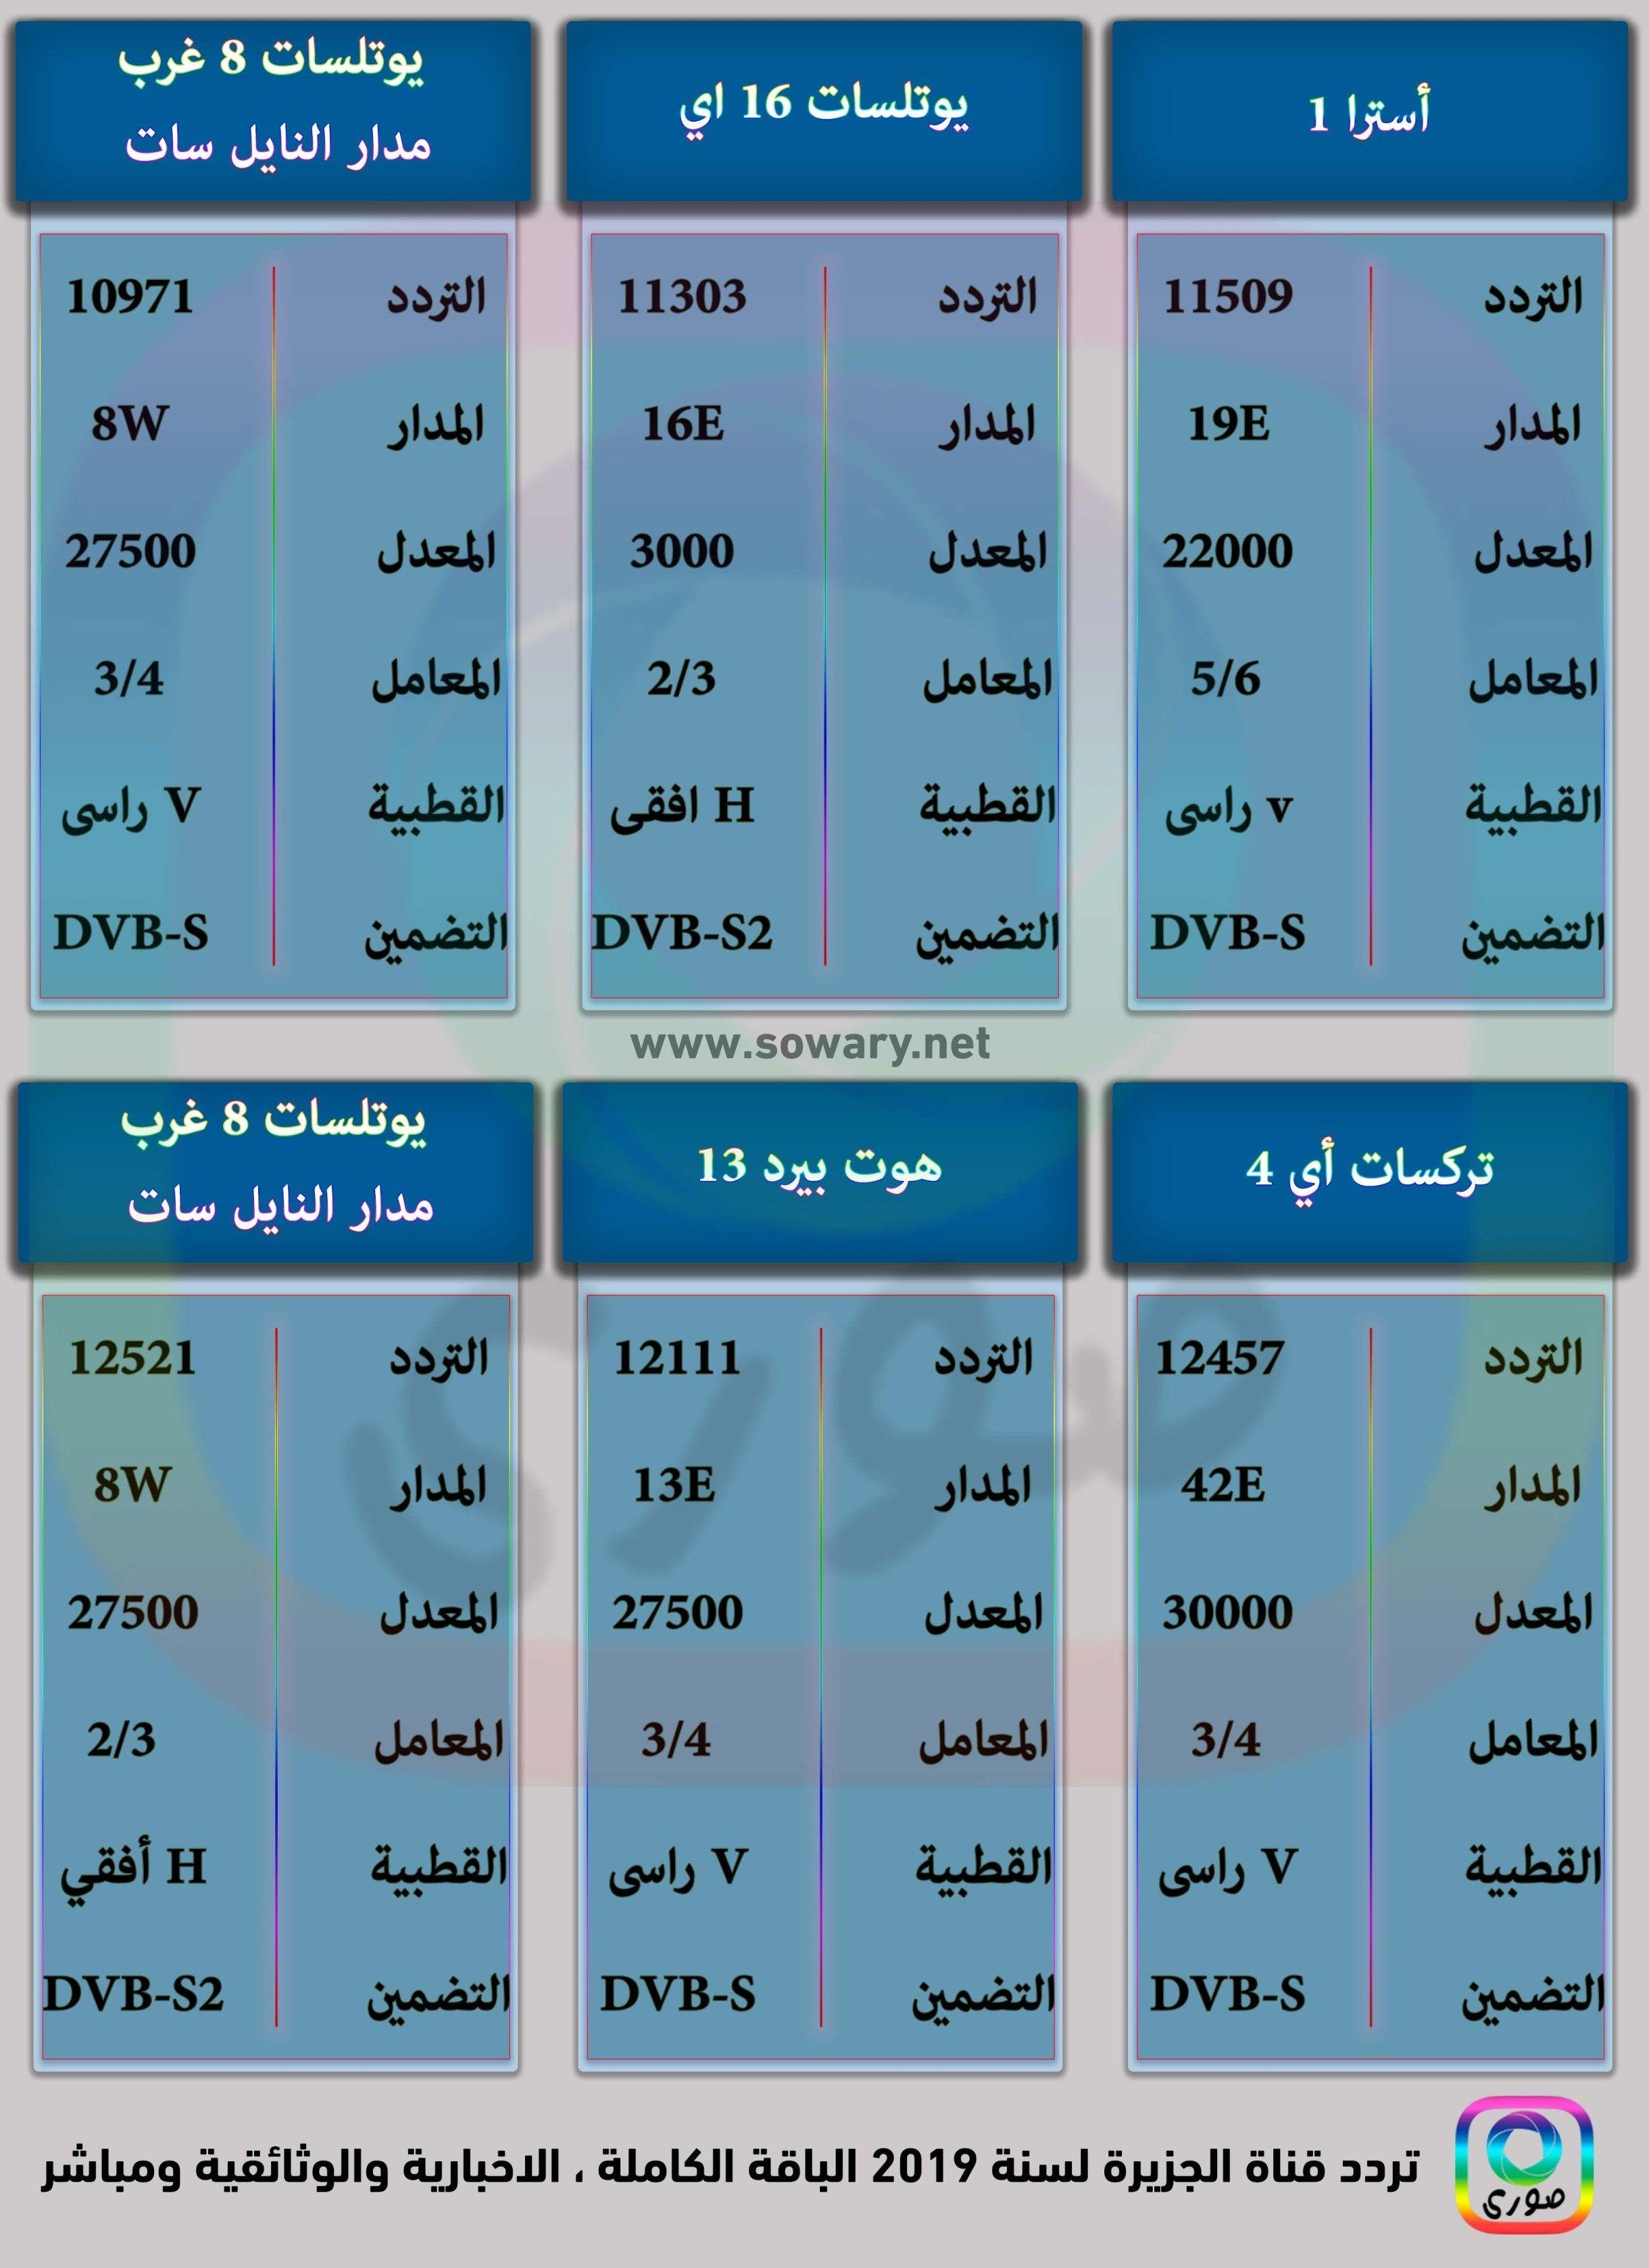 تردد قناة الجزيرة 2019 نايل سات Periodic Table Dubai